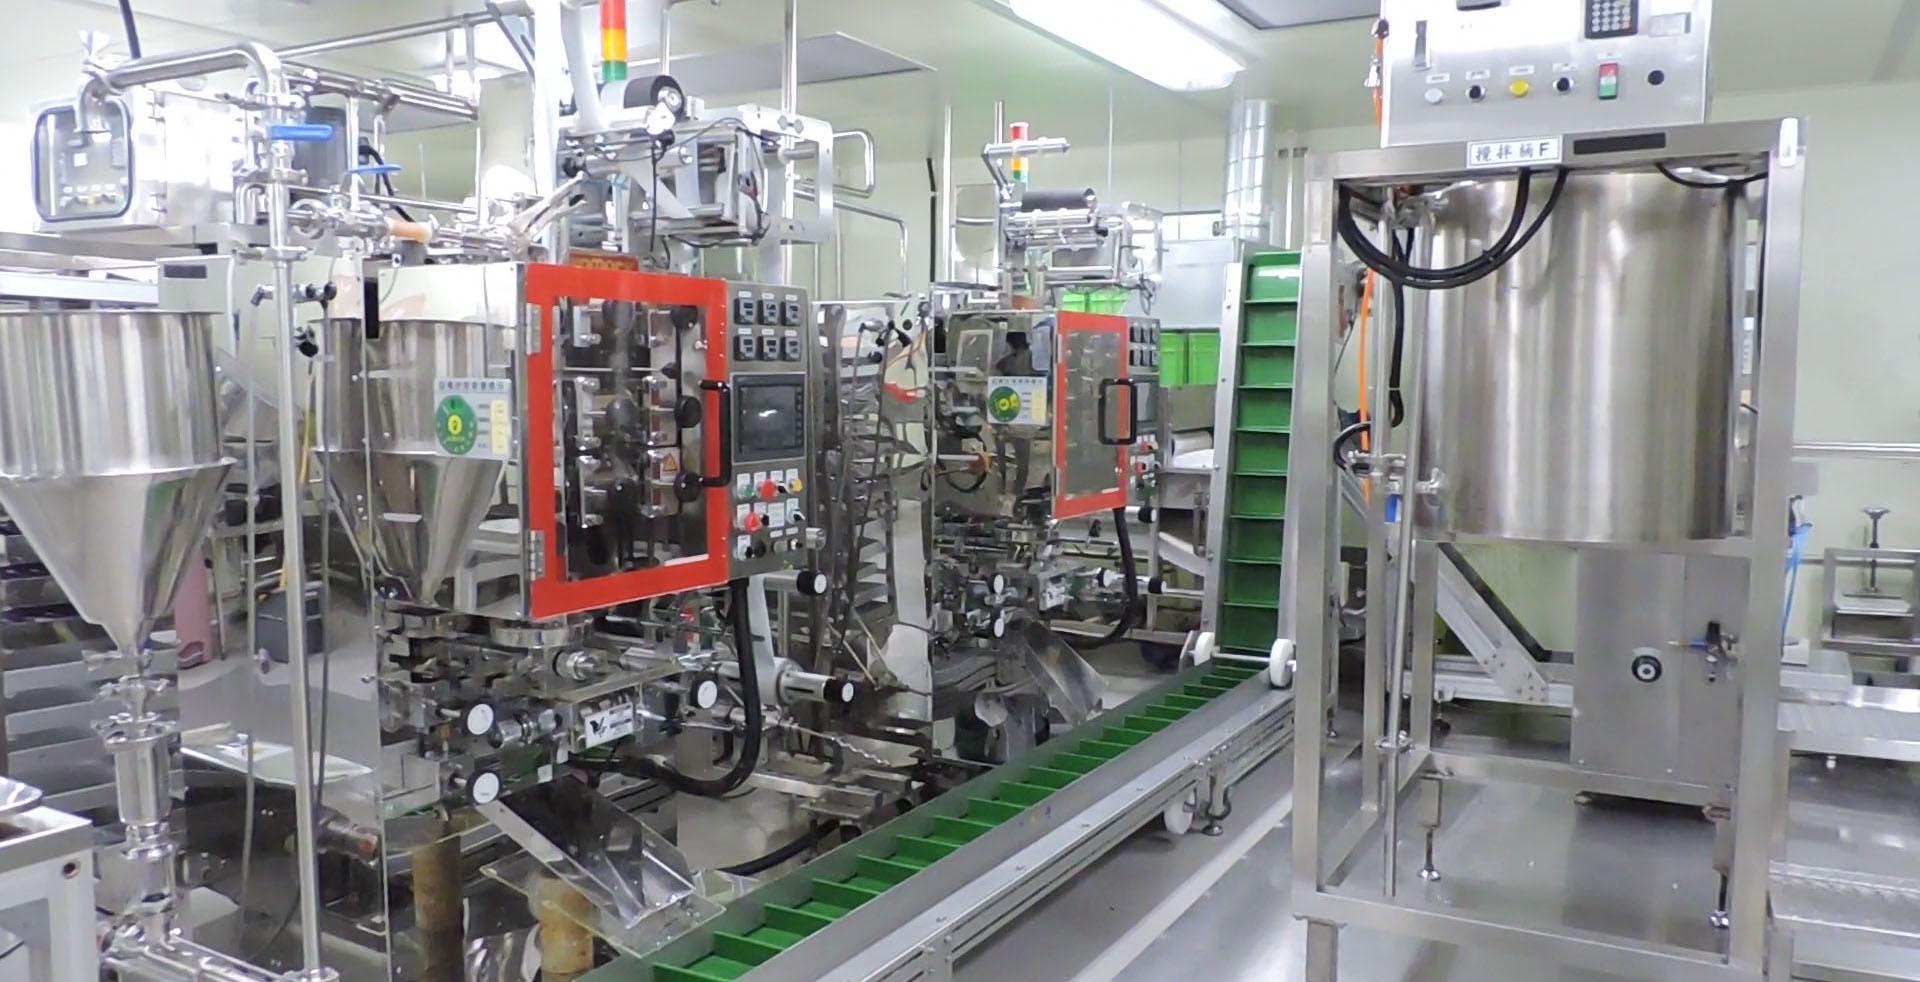 益生菌工厂,逢兴生物高规格益生菌保健食品代工